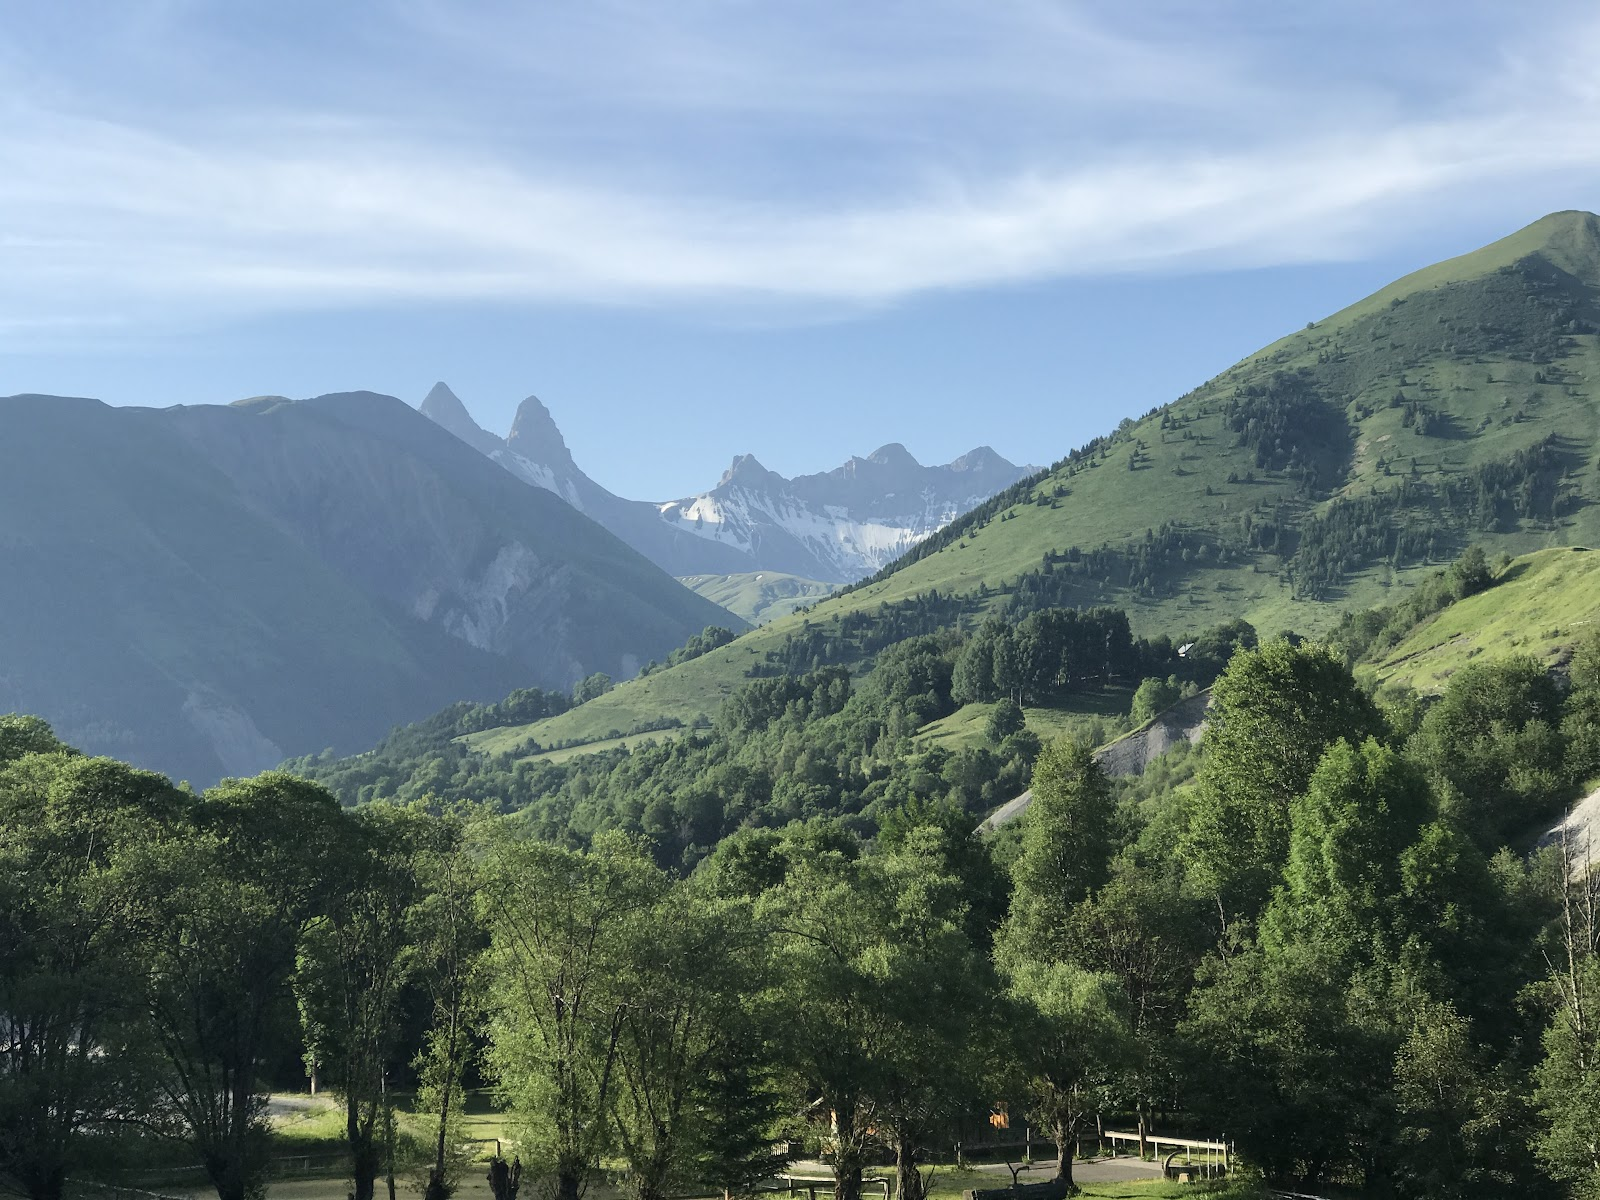 Climbing Col de la Croix de Fer, Saint-Jean-de-Maurienne by bike - view of forest and mountains